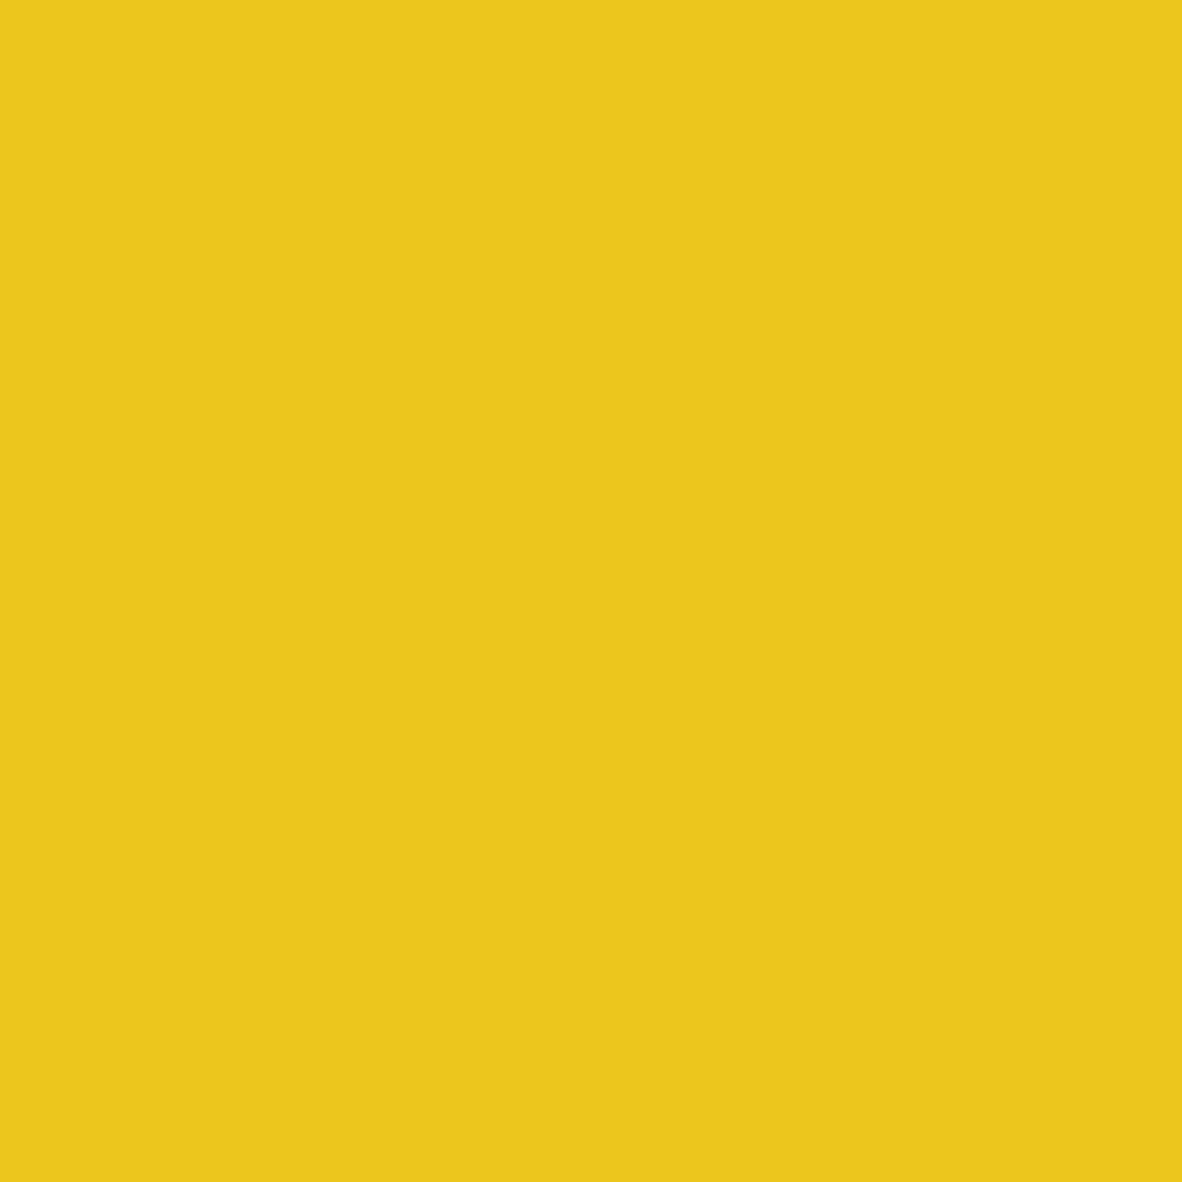 ไอคอน รั้วล้อมสัตว์ของรั้วตาข่ายถักปม รุ่นสูง 120 ซม.